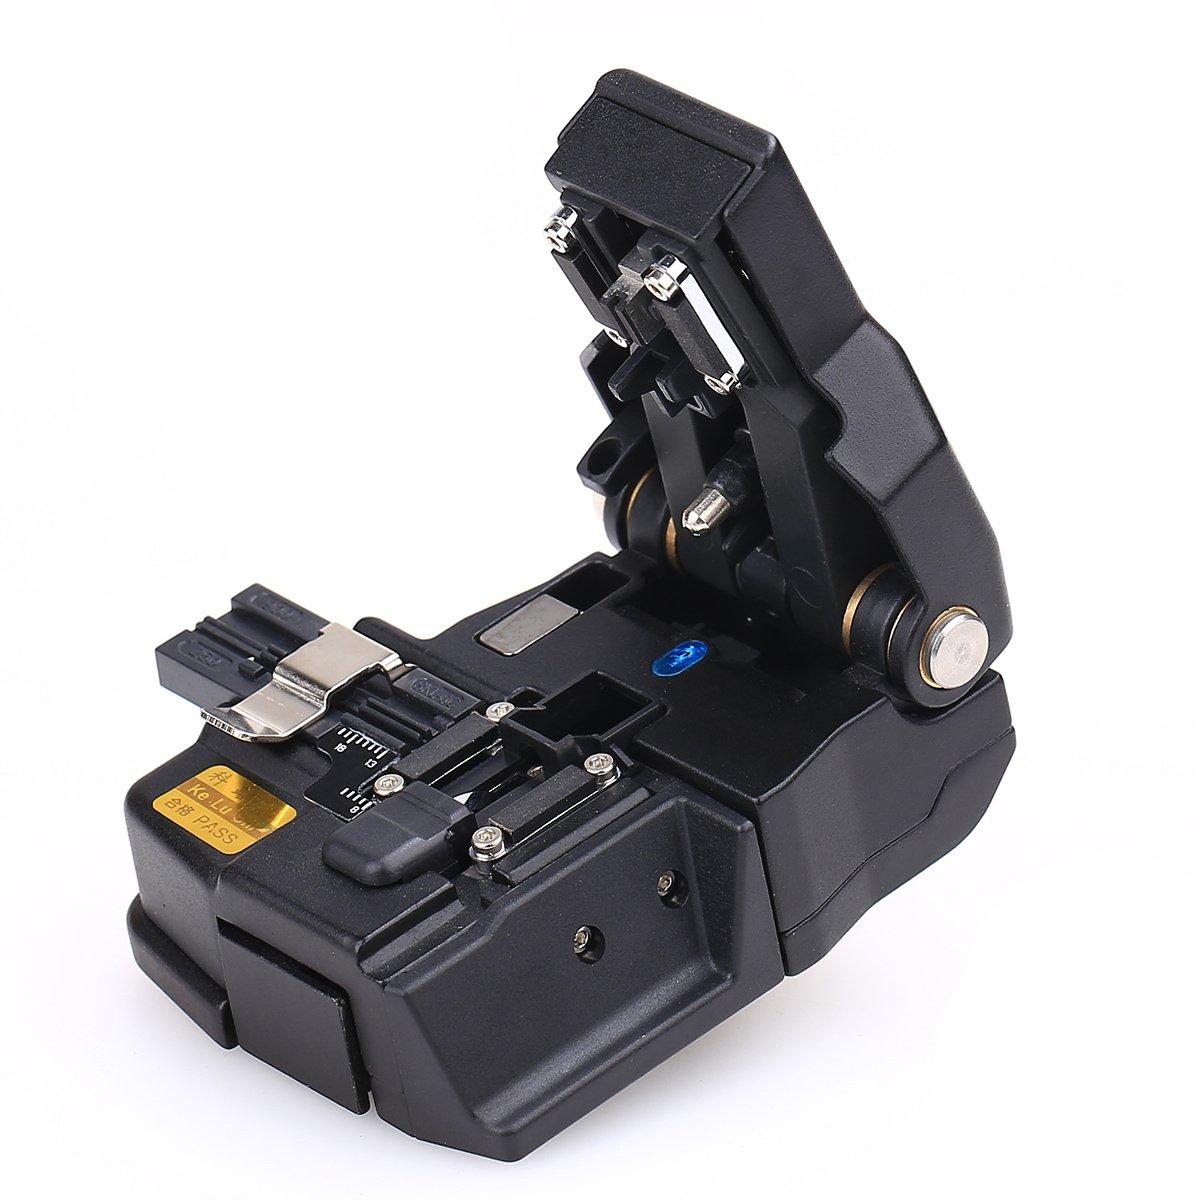 KELUSHI HS-30光ファイバー切削工具48000カッター工具 B01FI1W7L0